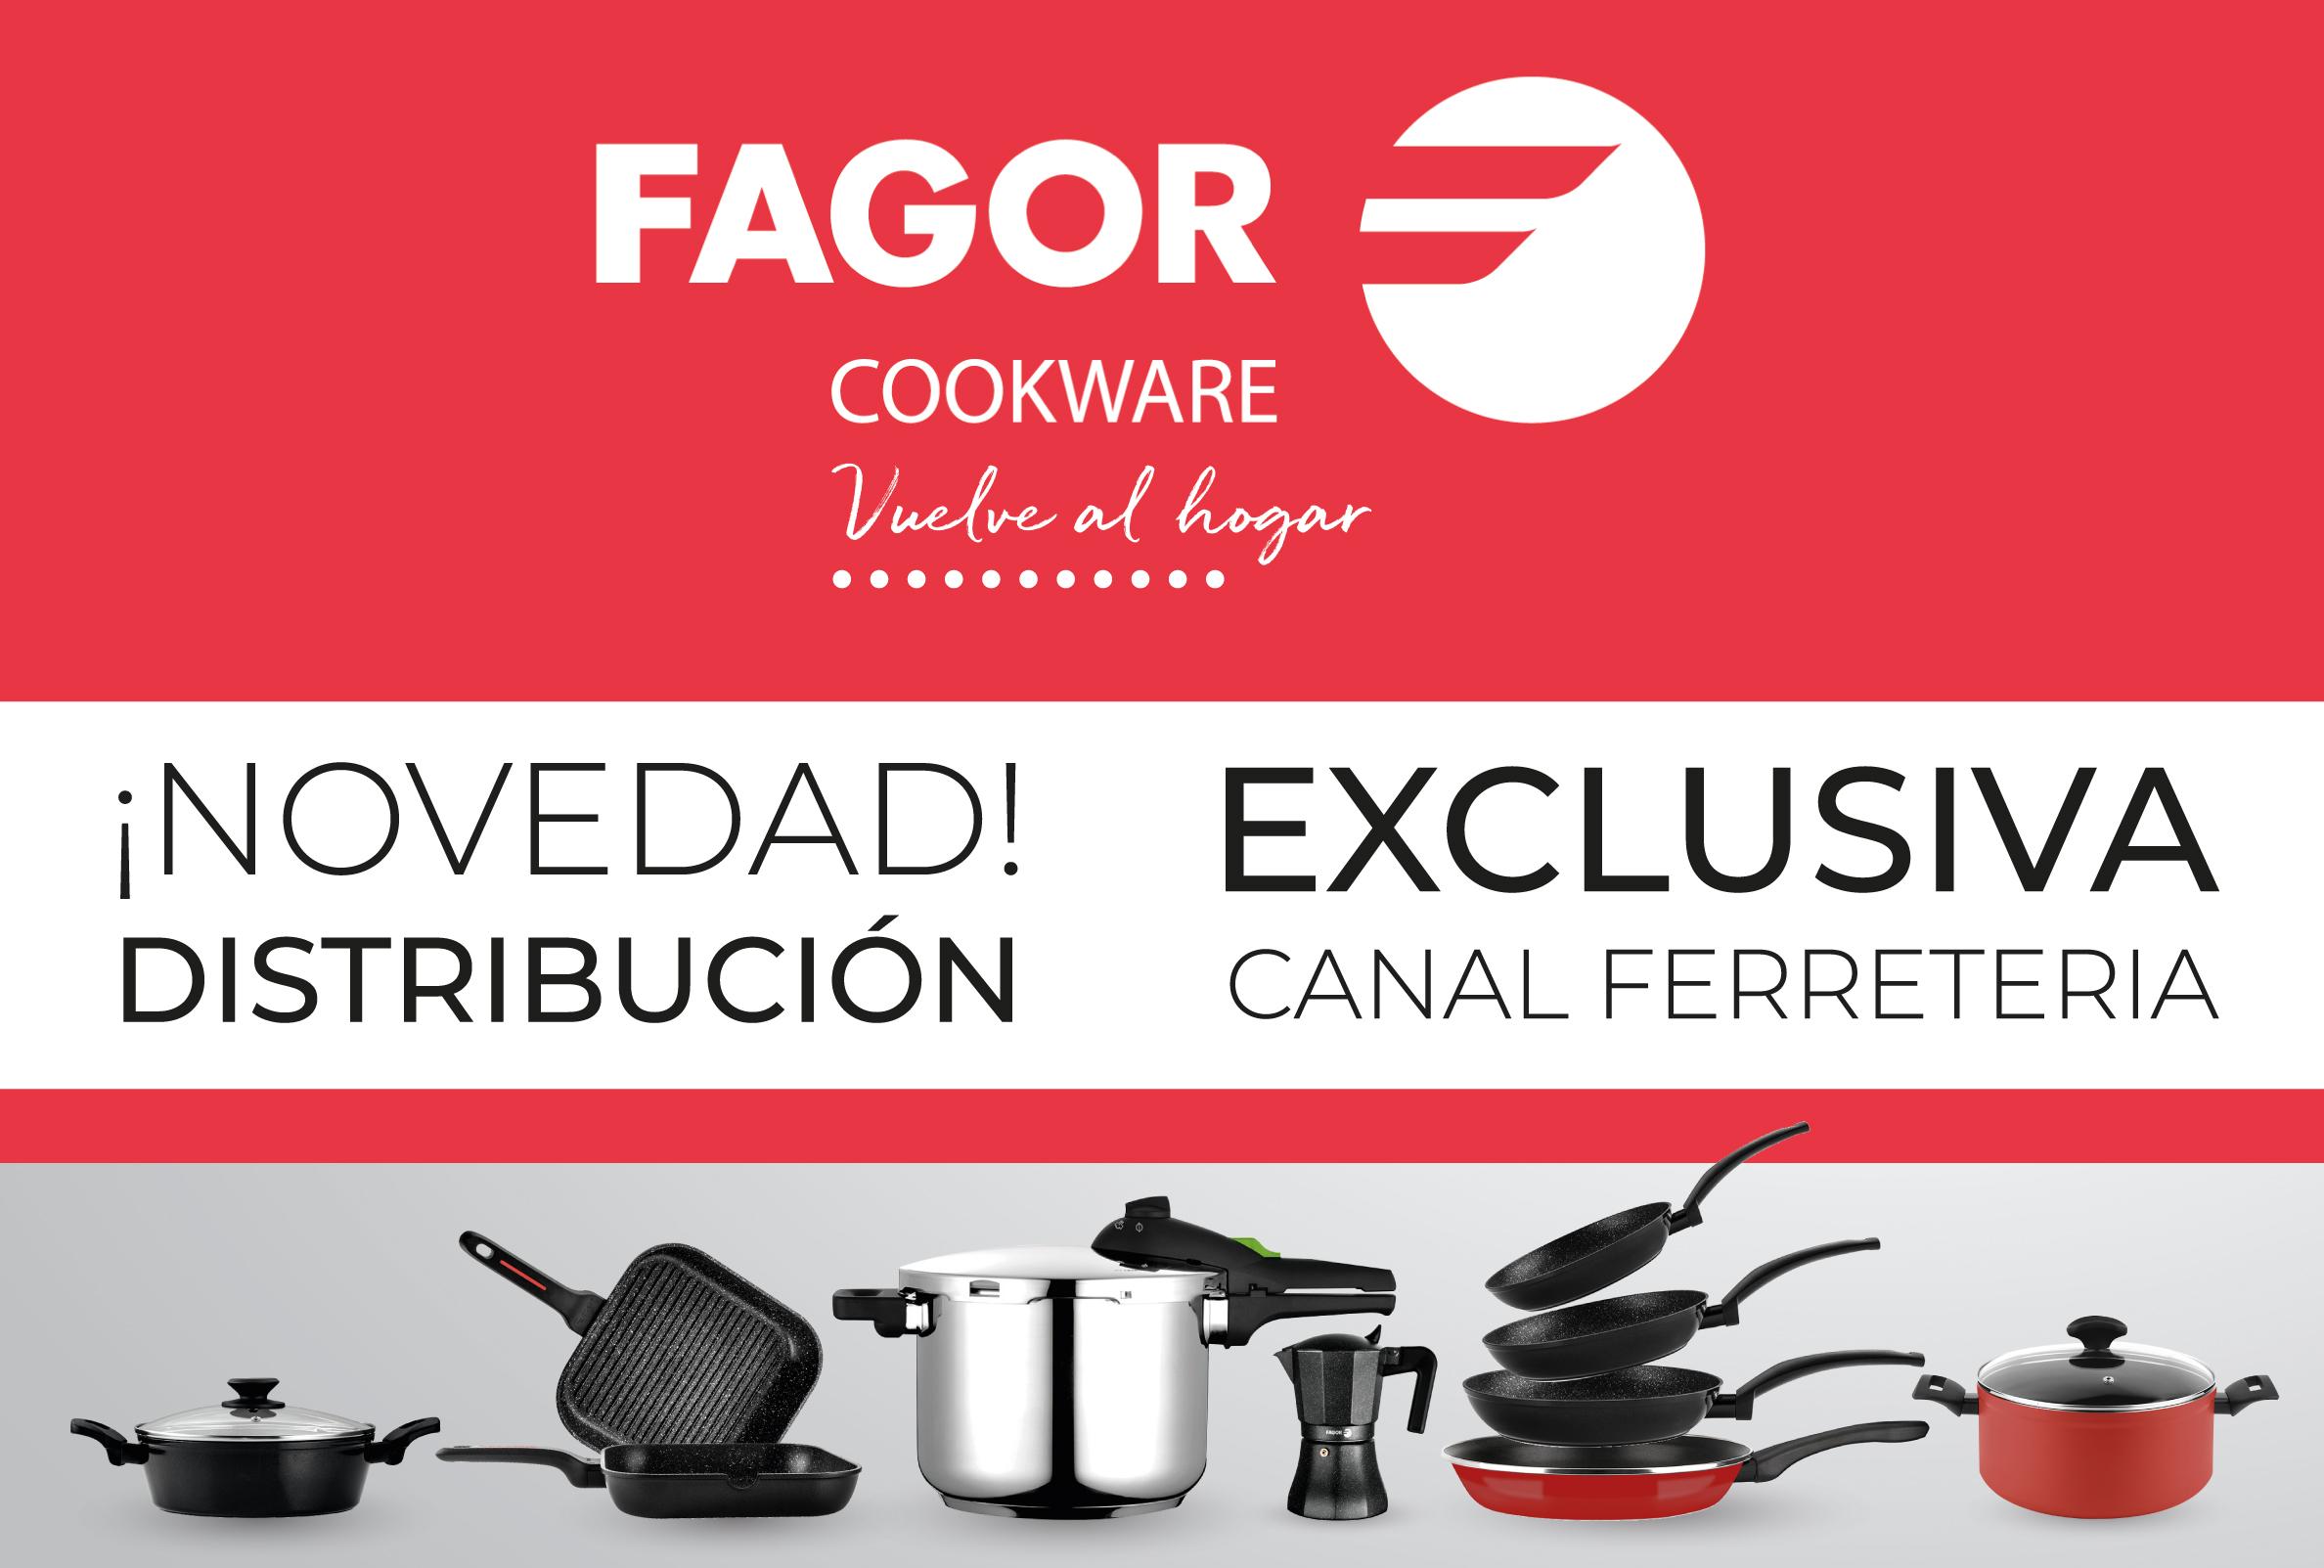 Nuevo acuerdo comercial Fagor – Elektro3-EDM